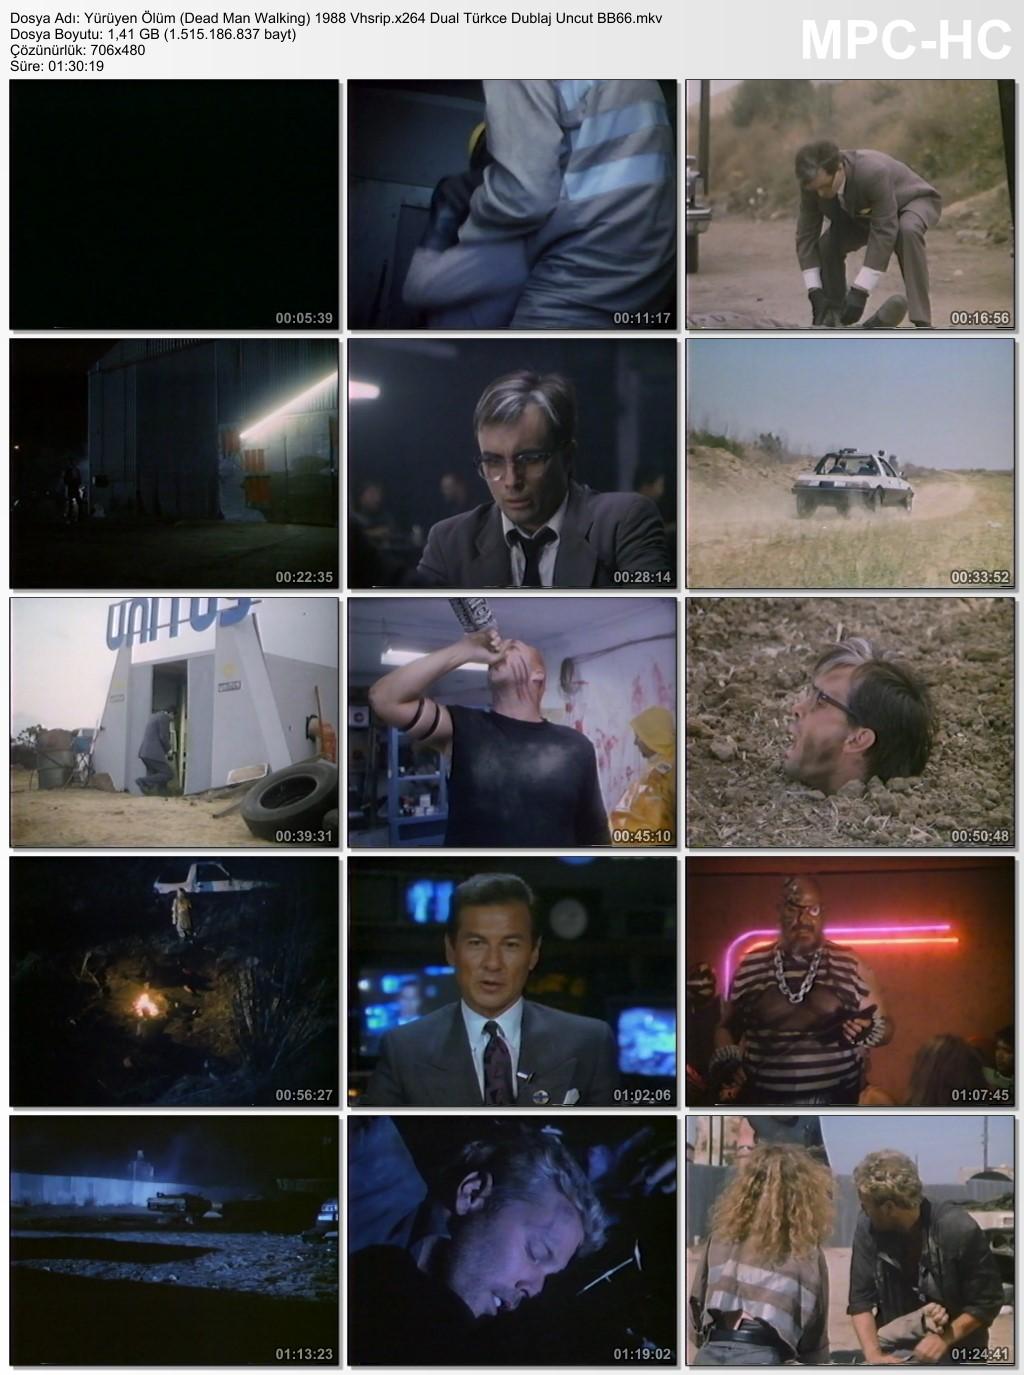 Yürüyen Ölüm (Dead Man Walking) 1988 Vhsrip Dual Türkce Dublaj BB66 (2) - barbarus